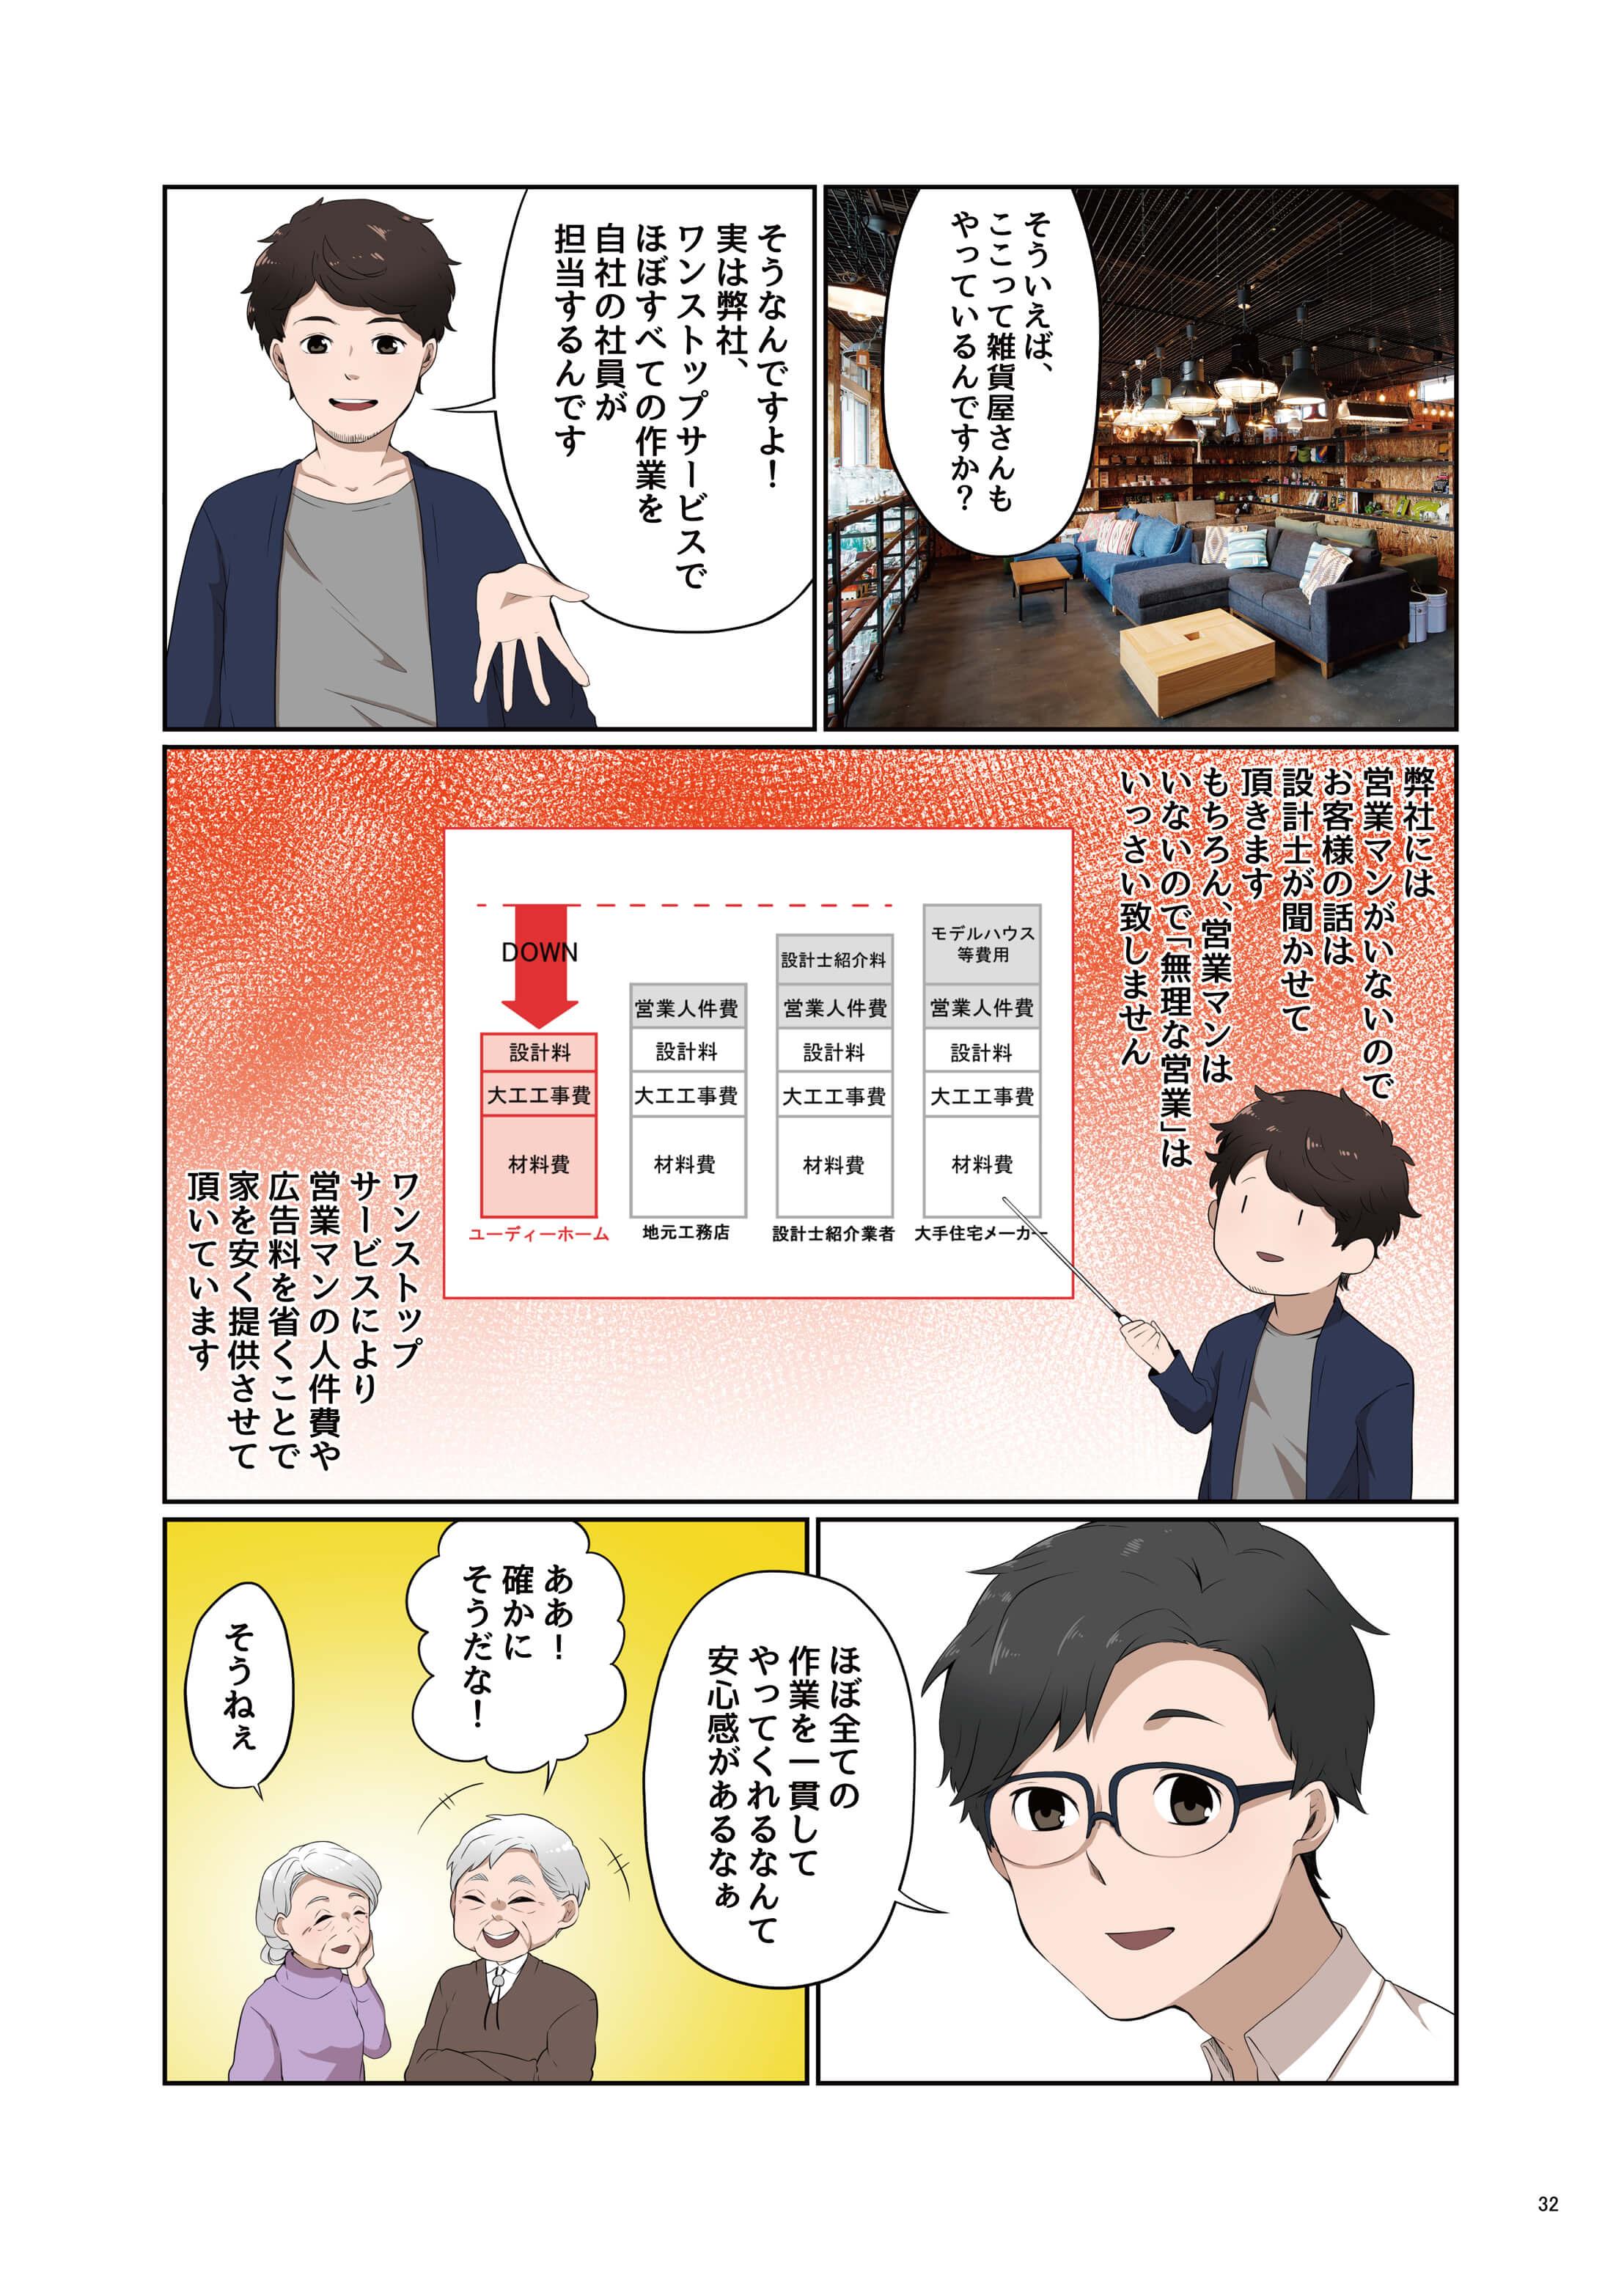 34_new